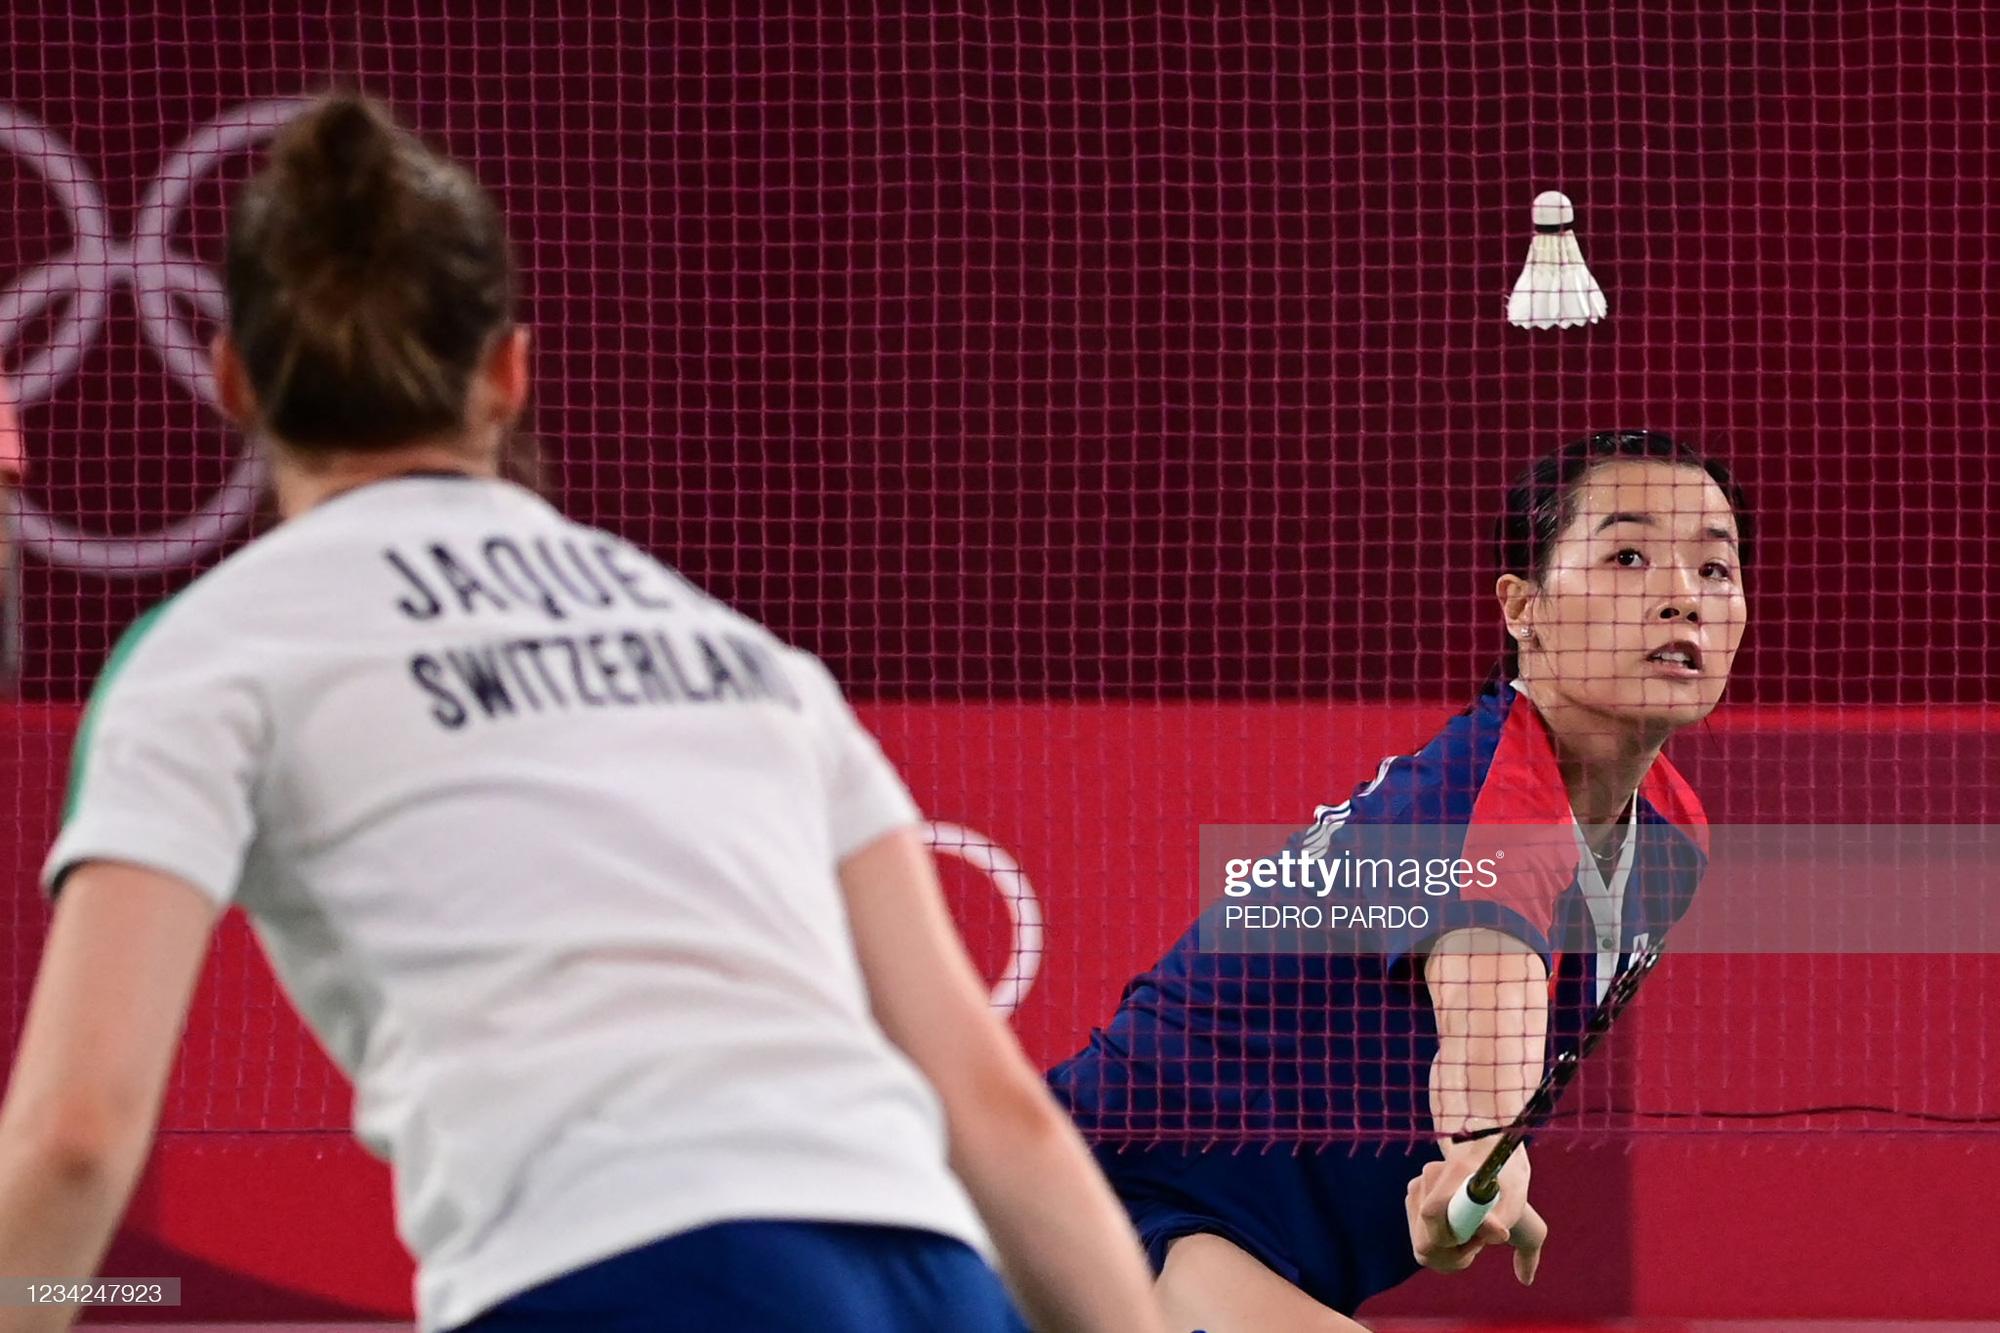 Olympic Tokyo 2020: Nguyễn Thùy Linh xuất sắc đánh bại tay vợt hơn 3 bậc trên BXH thế giới - Ảnh 3.